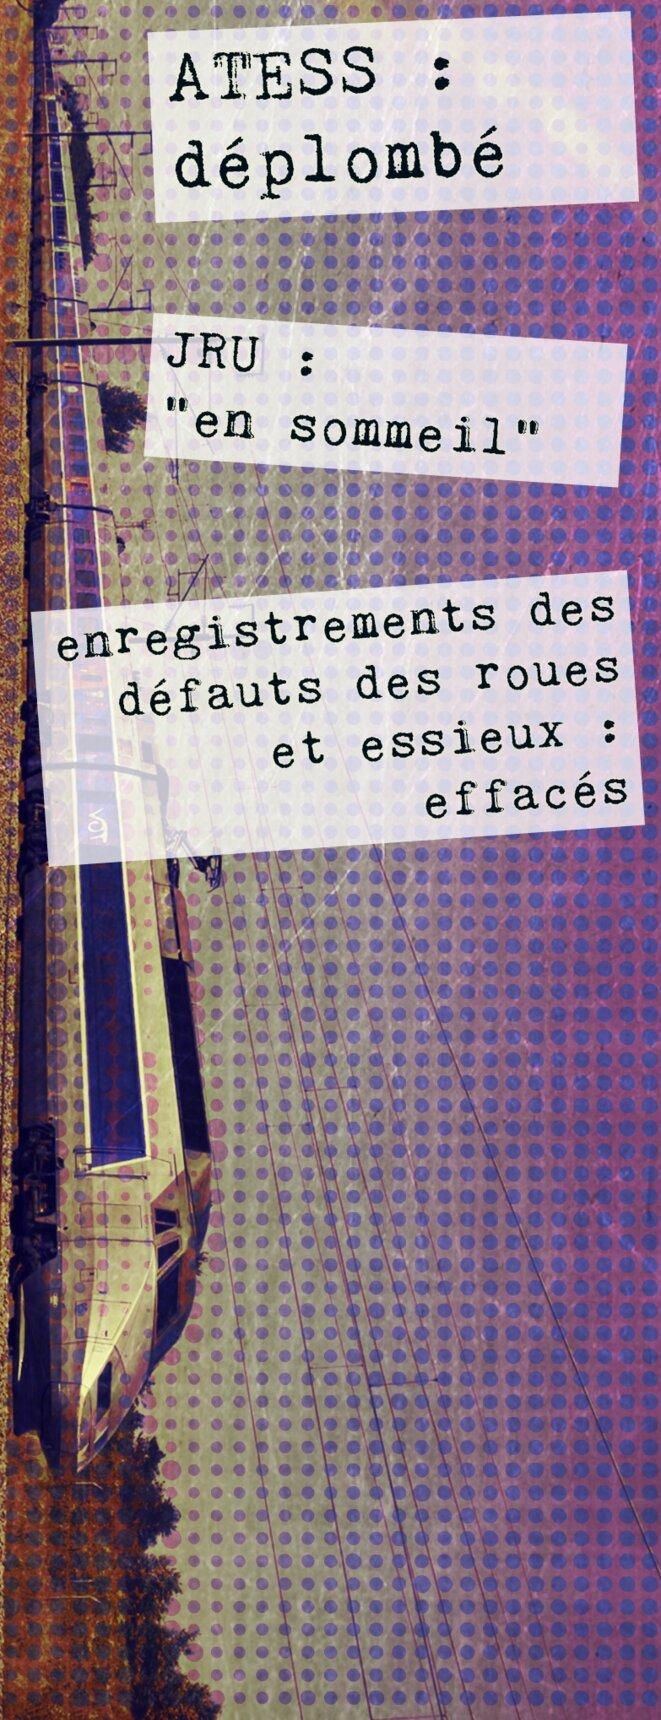 sources-rapport